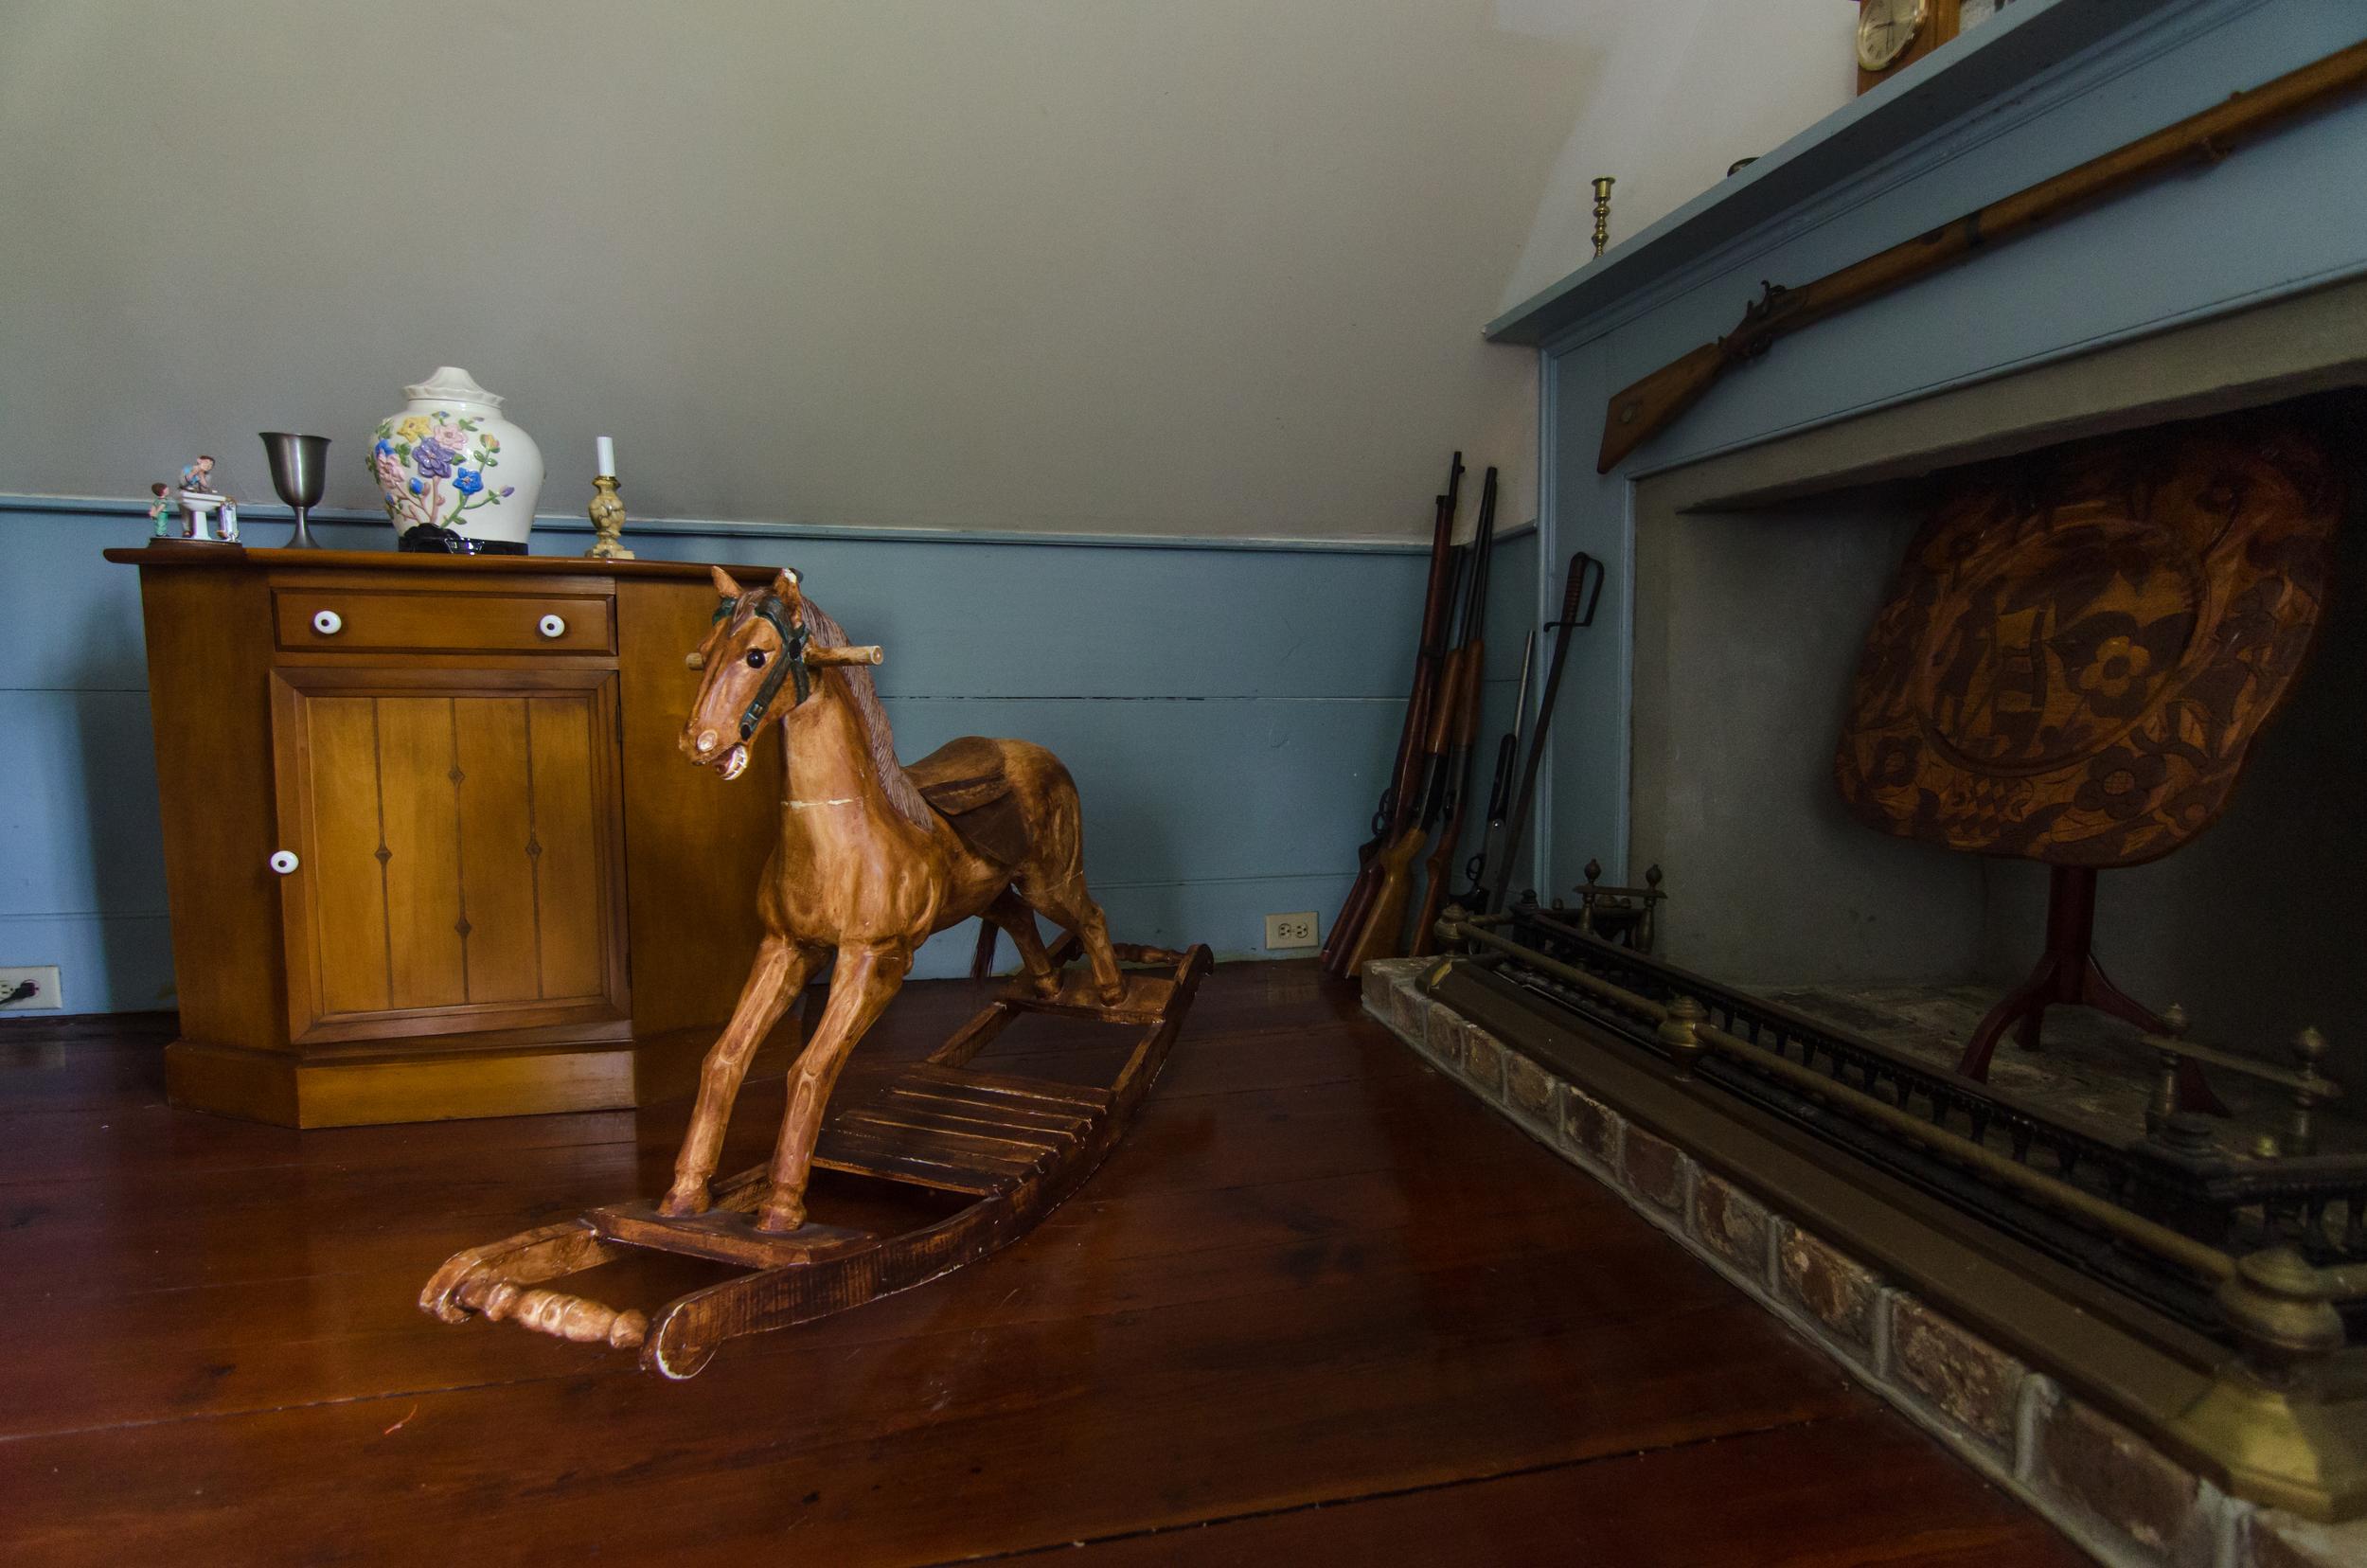 An antique horse-rocker next to a fireplace.